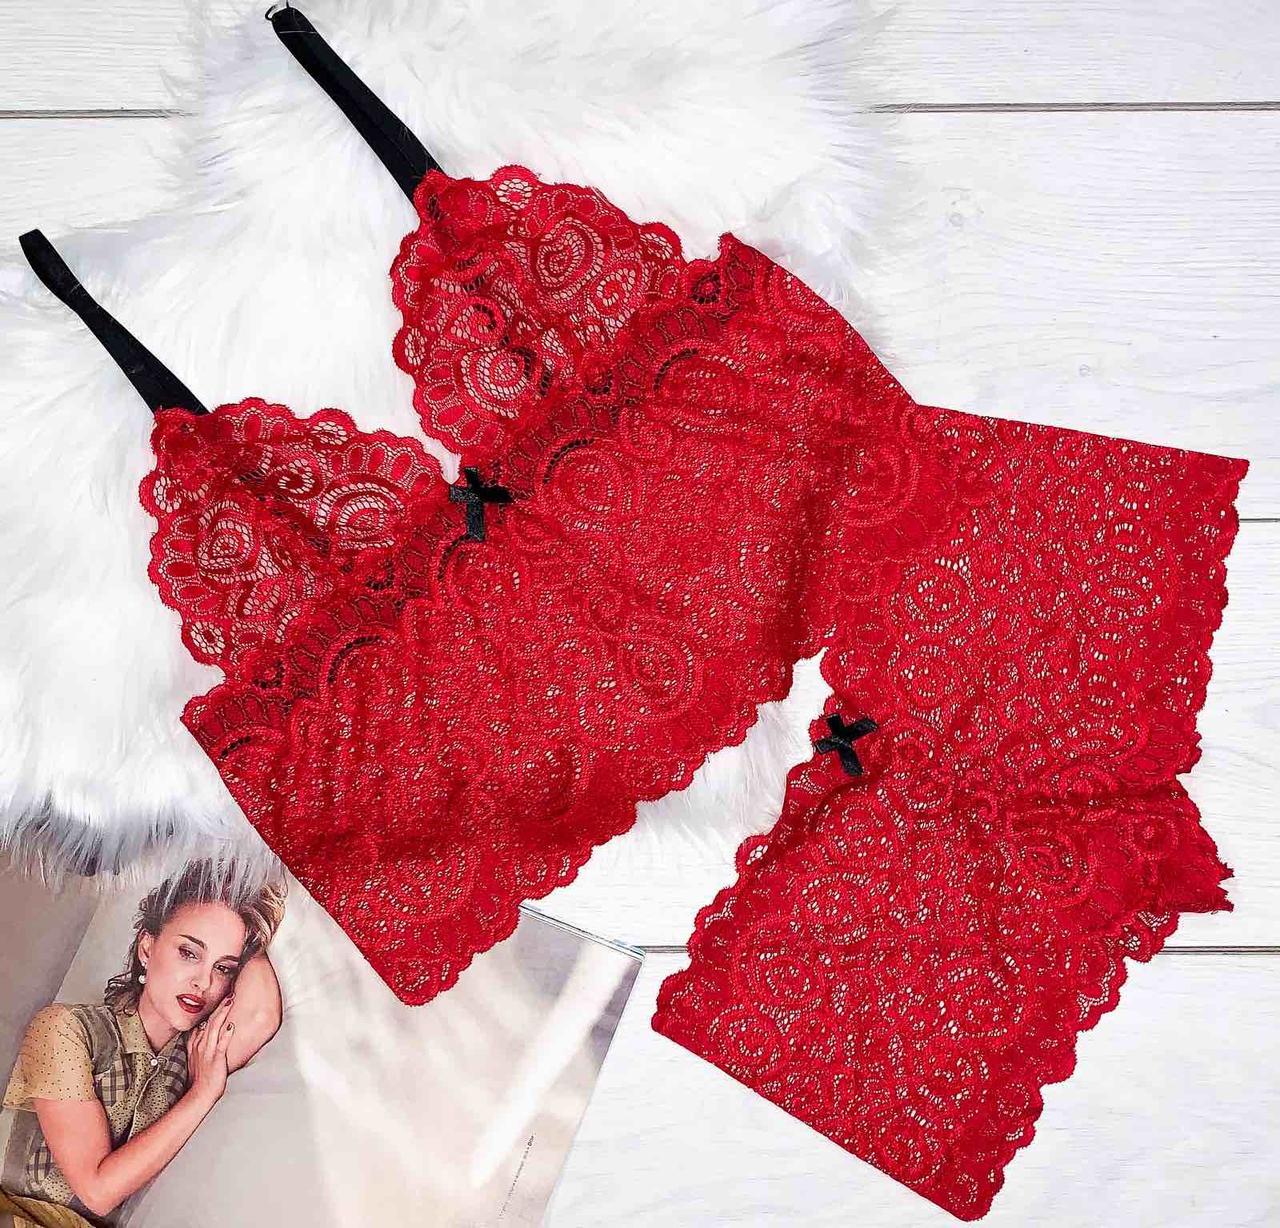 Красный комплект нижнего белья бюстгальтер+трусы-шорты.